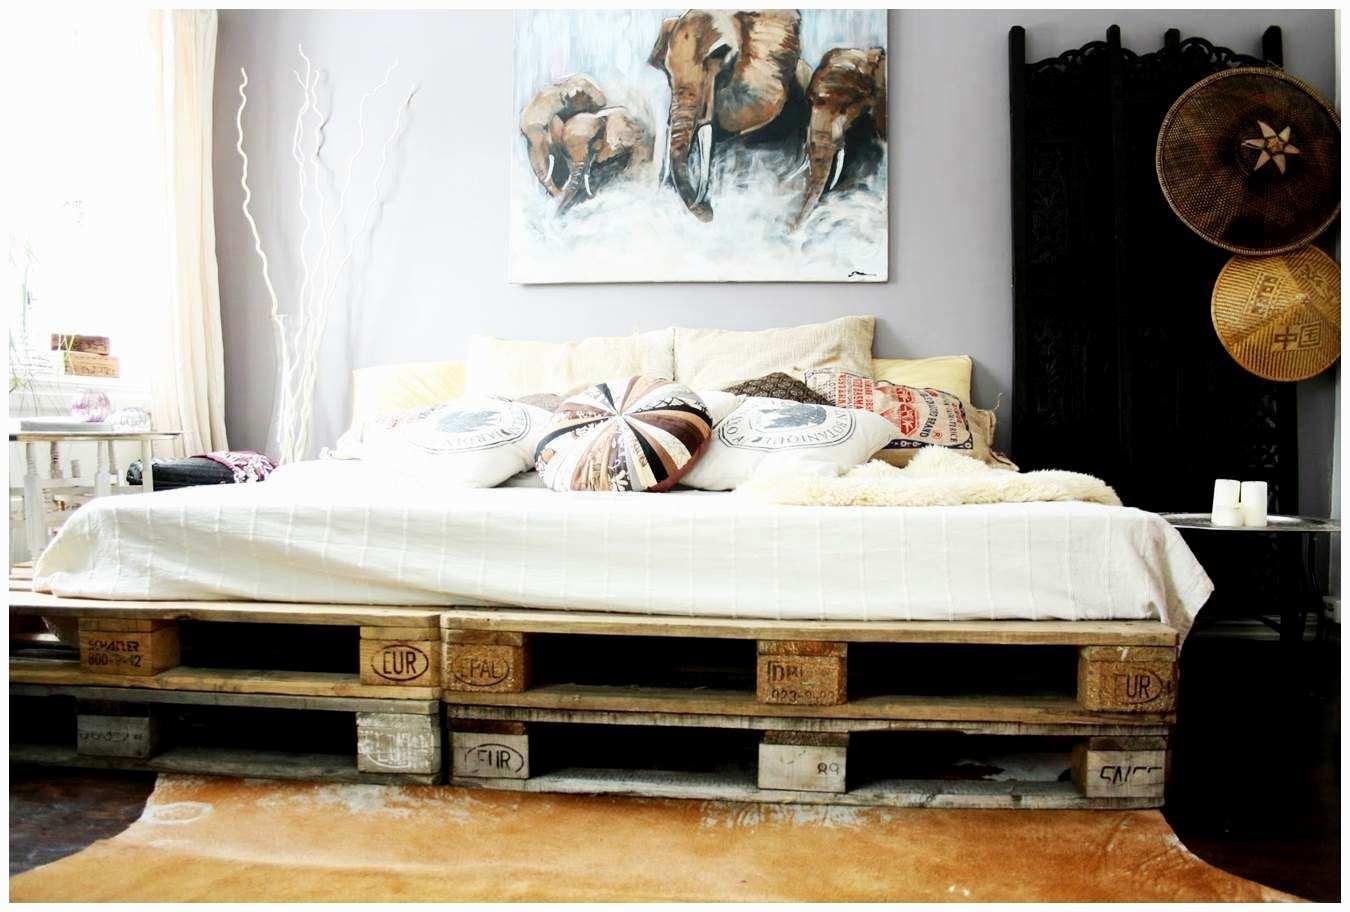 Full Size of Betten Teenager Musterring Bonprix Ebay überlänge Günstig Kaufen Massivholz Flexa Landhausstil 140x200 Ohne Kopfteil Boxspring Team 7 Ruf Mit Aufbewahrung Wohnzimmer Betten Teenager